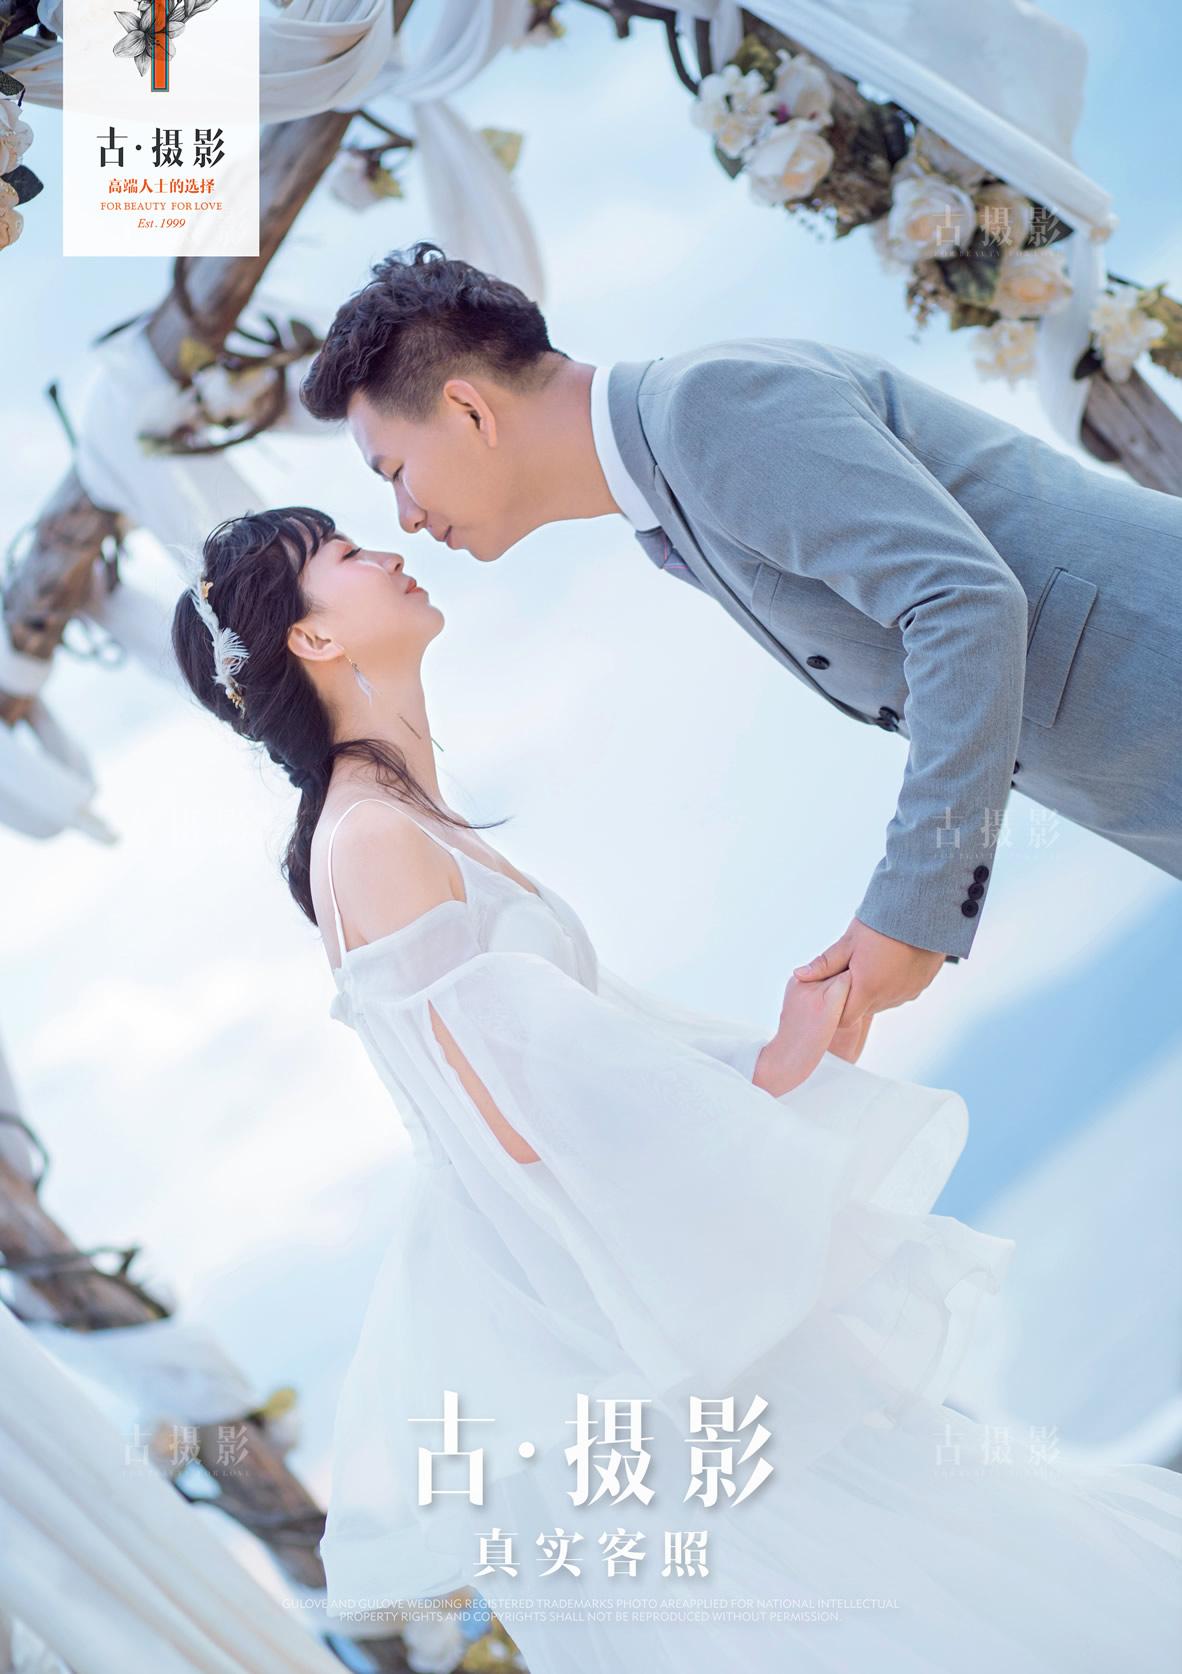 9月23日客片周先生 晏小姐 - 每日客照 - love昆明古摄影-昆明婚纱摄影网